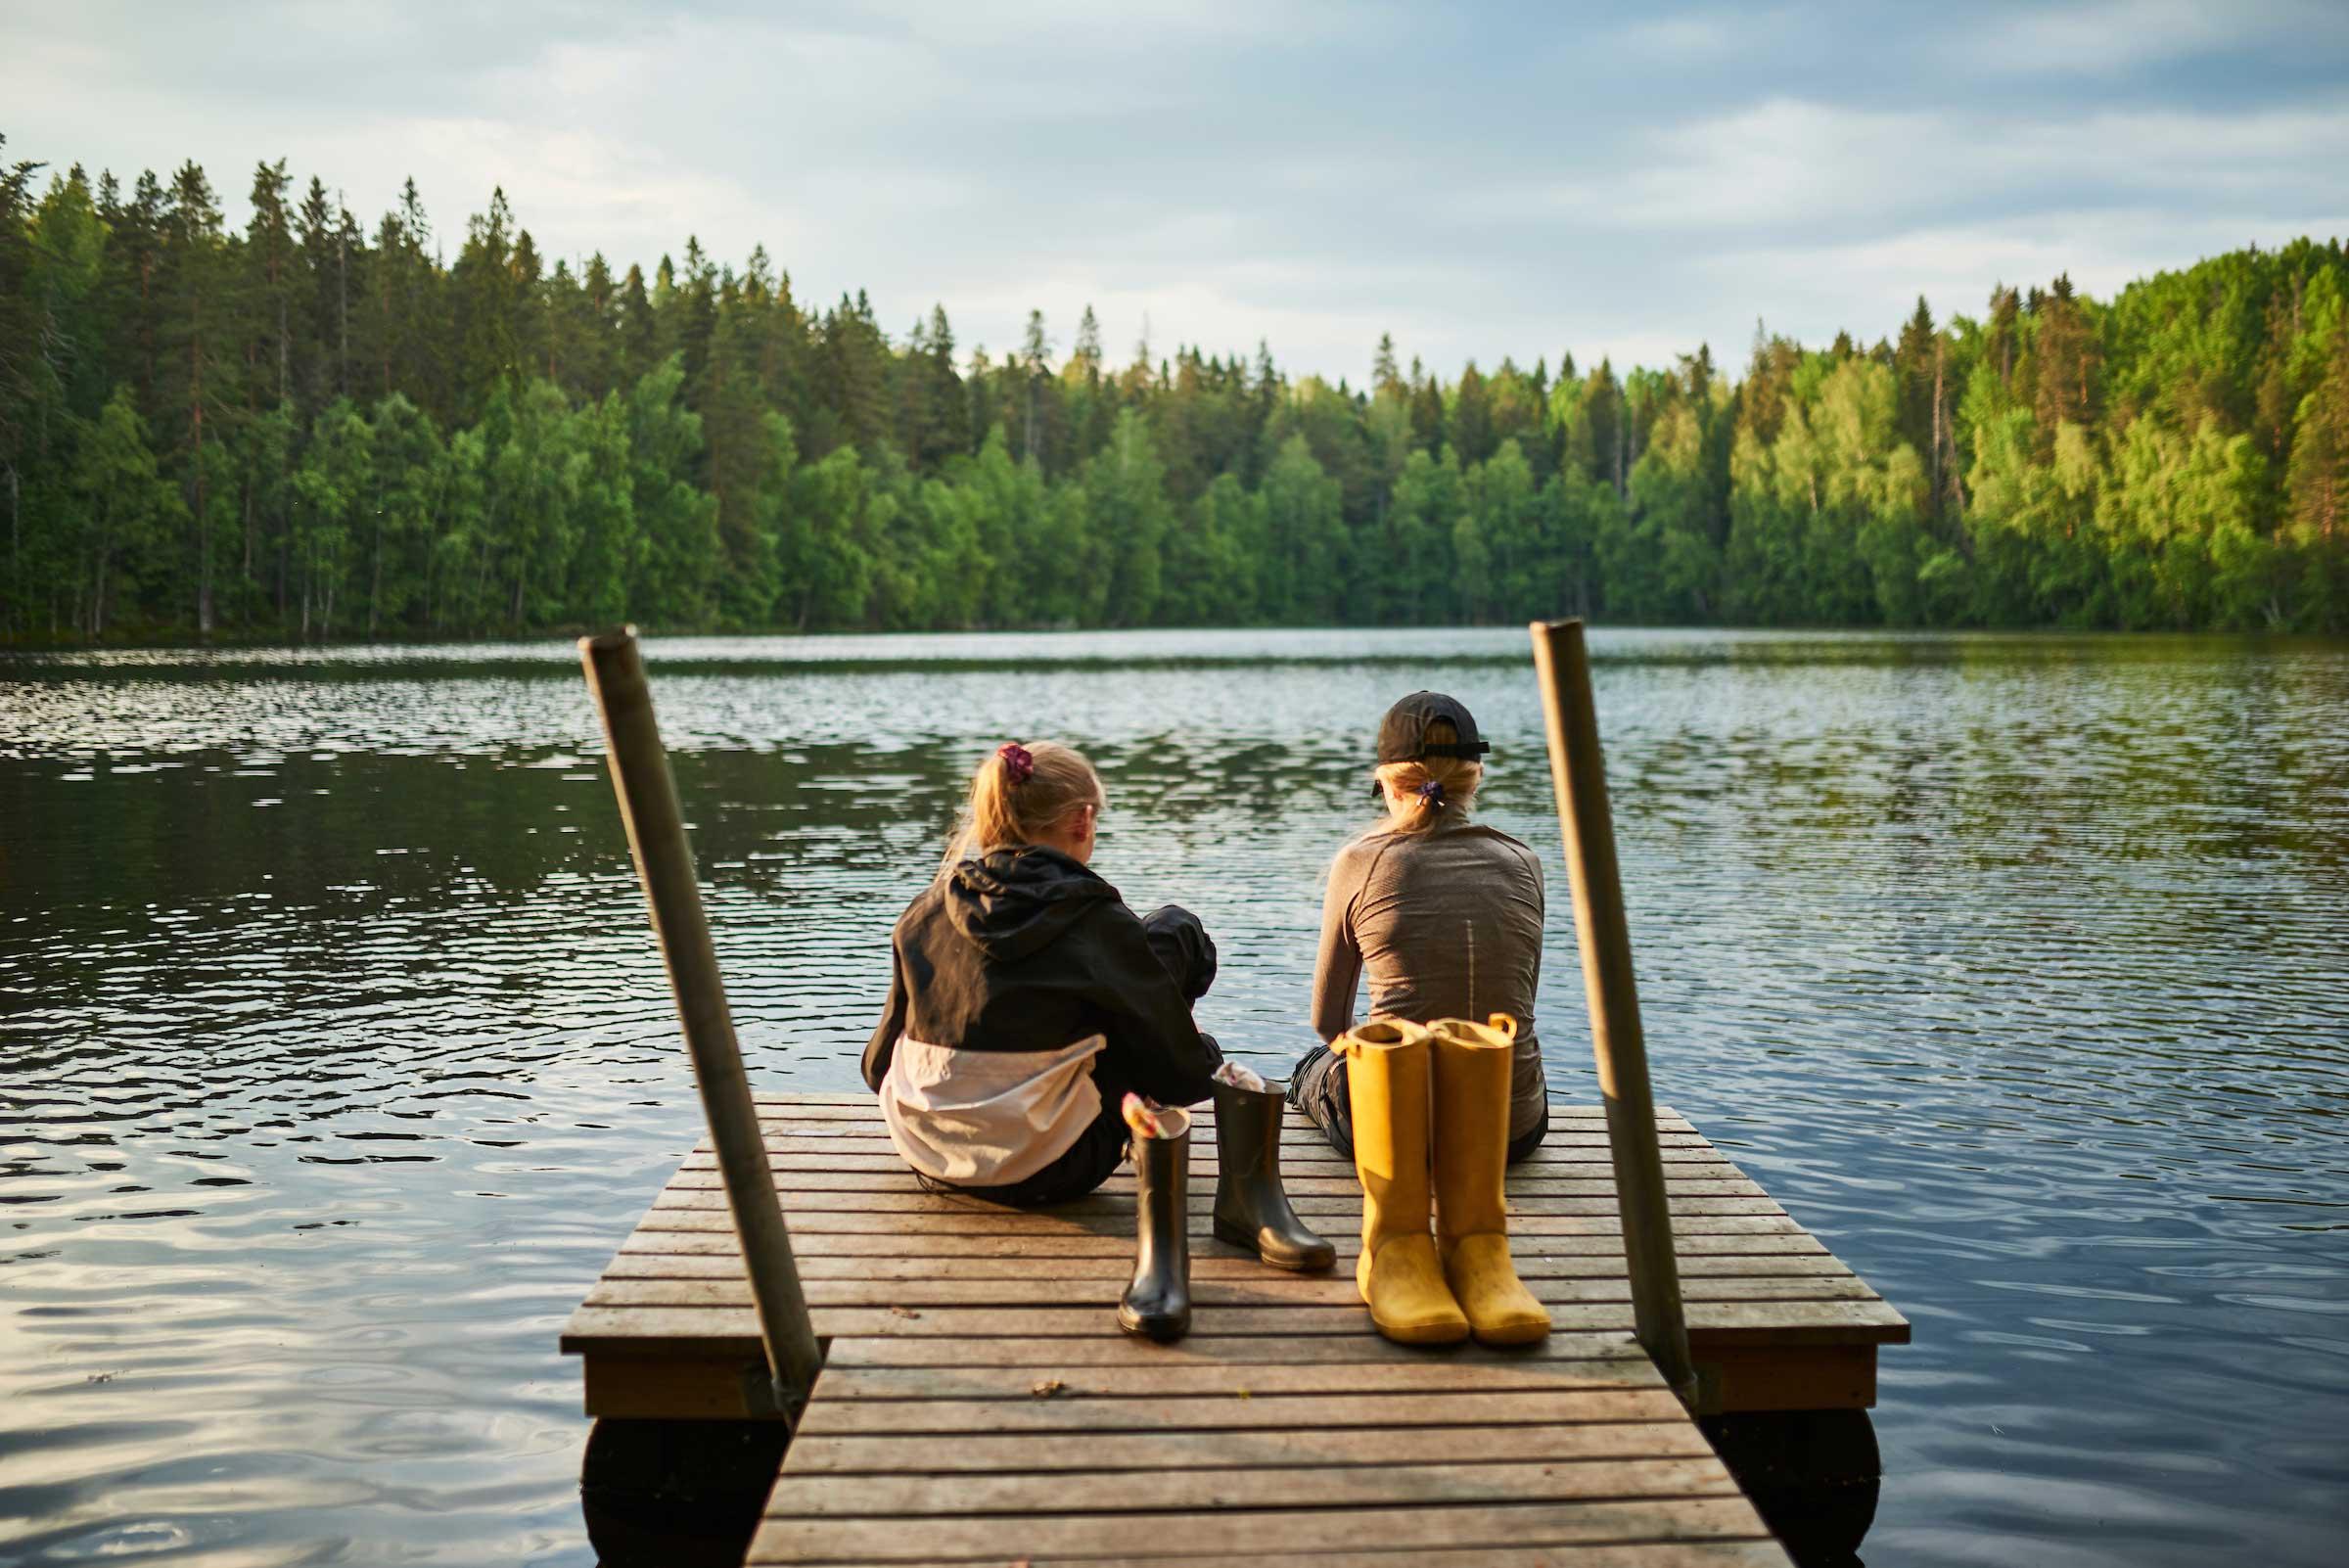 Kaksi teini-ikäistä tyttöä istuu Ruutanajärven laiturilla vieressään kumisaappaat.